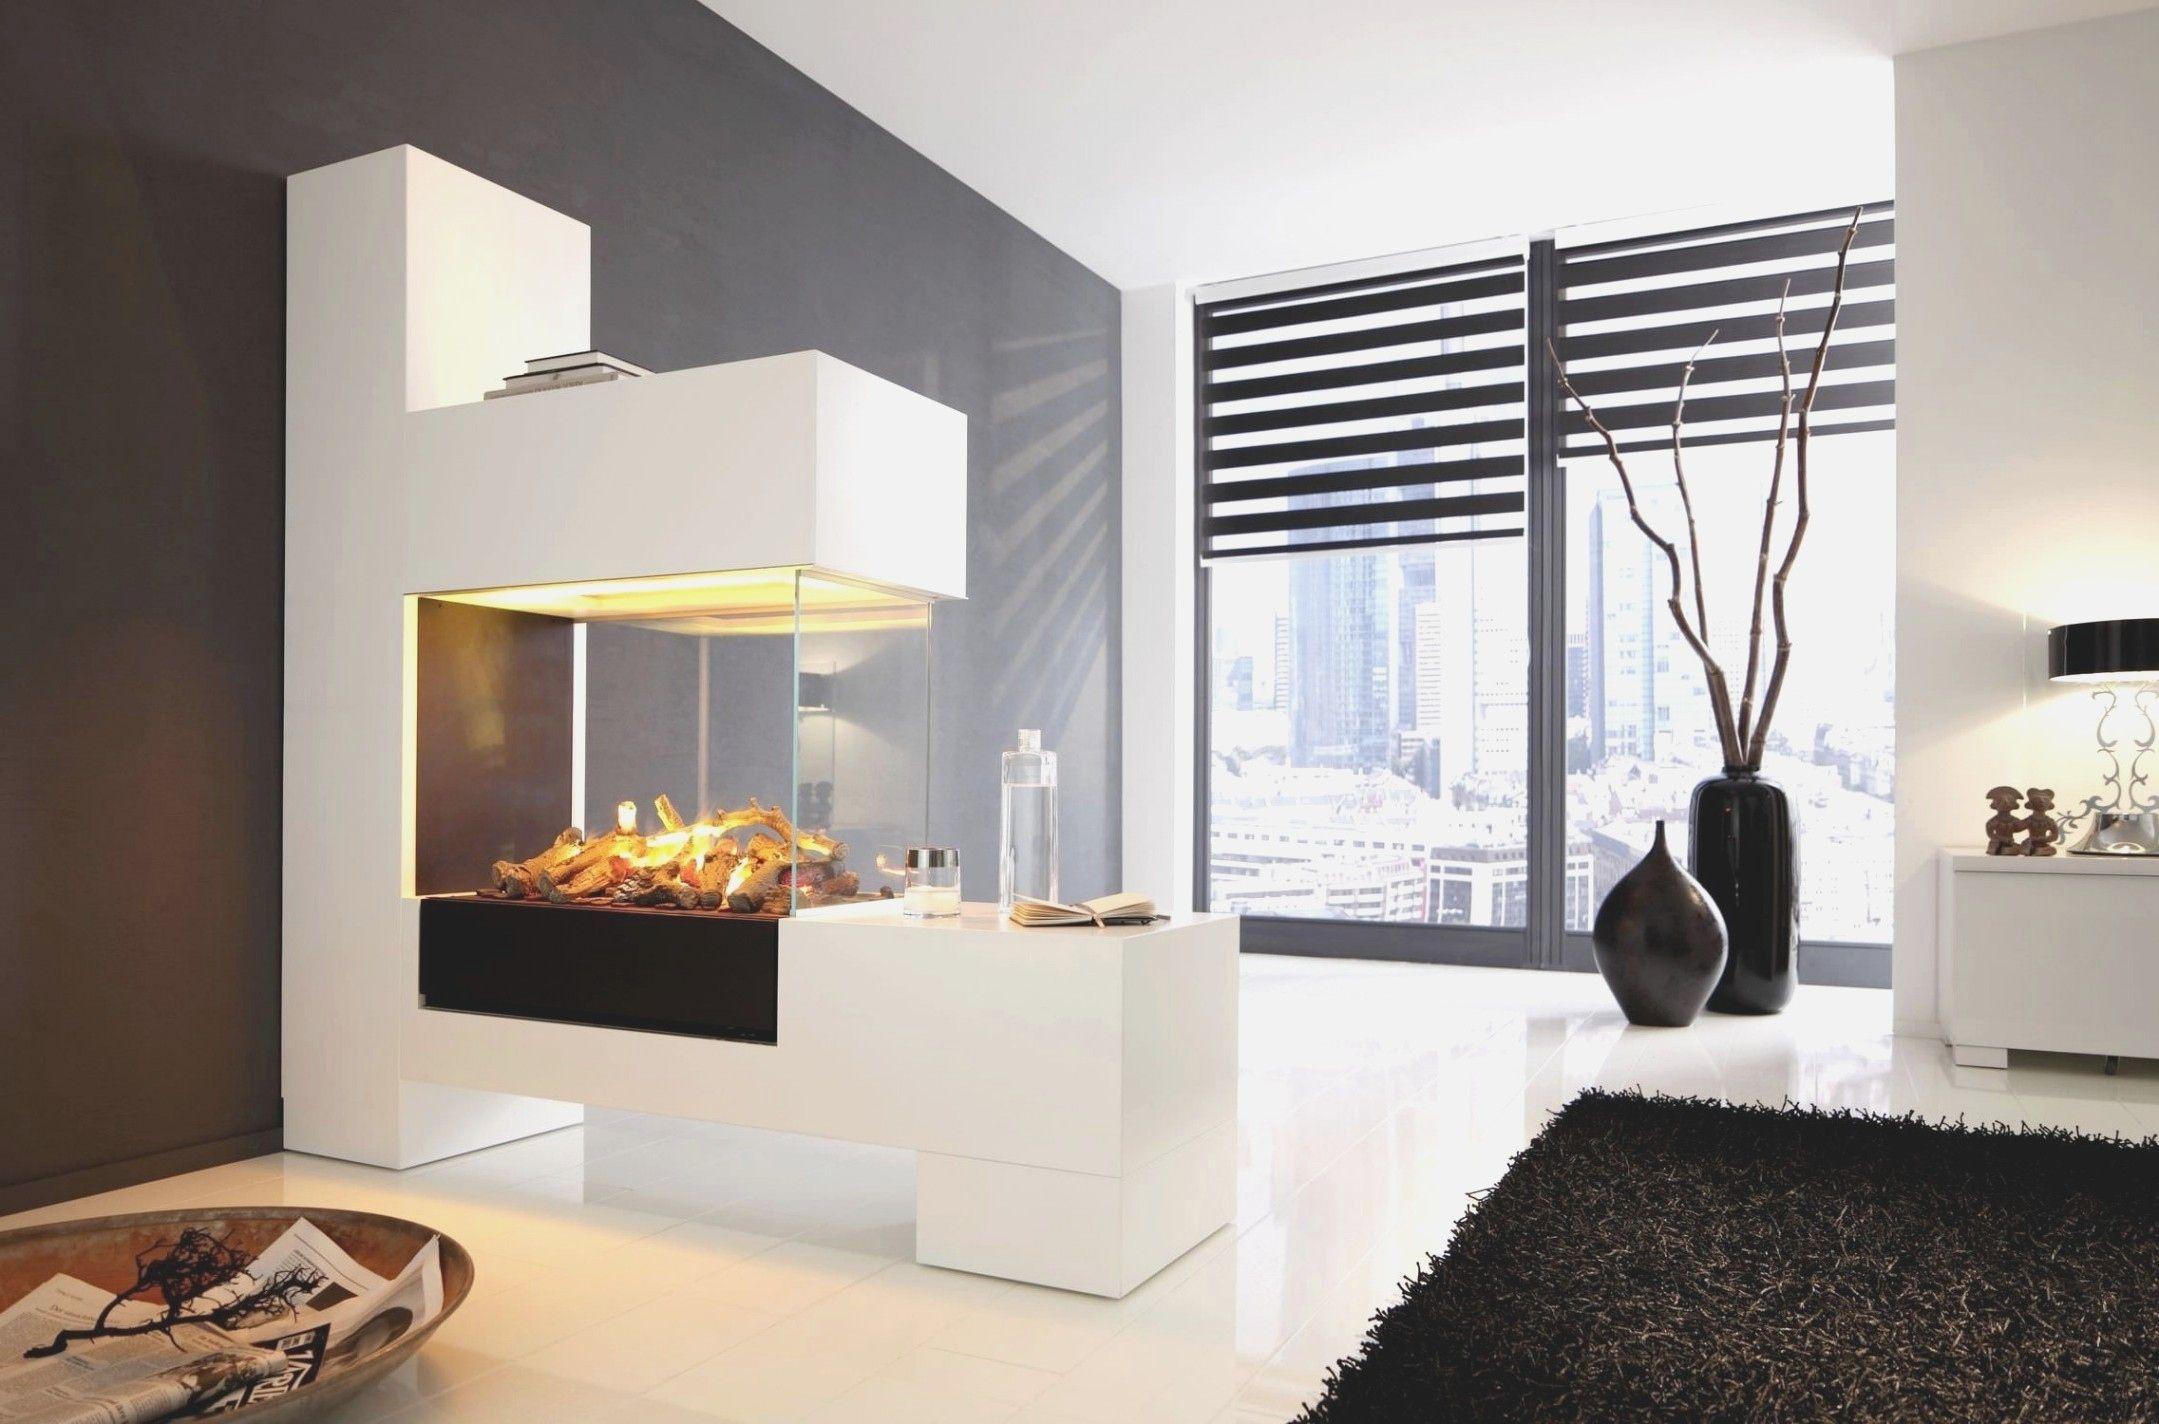 30 Wohnzimmer Deko Luxus Check More At Http://bhealthynow.info/wohnzimmer  Deko Luxus/56536/